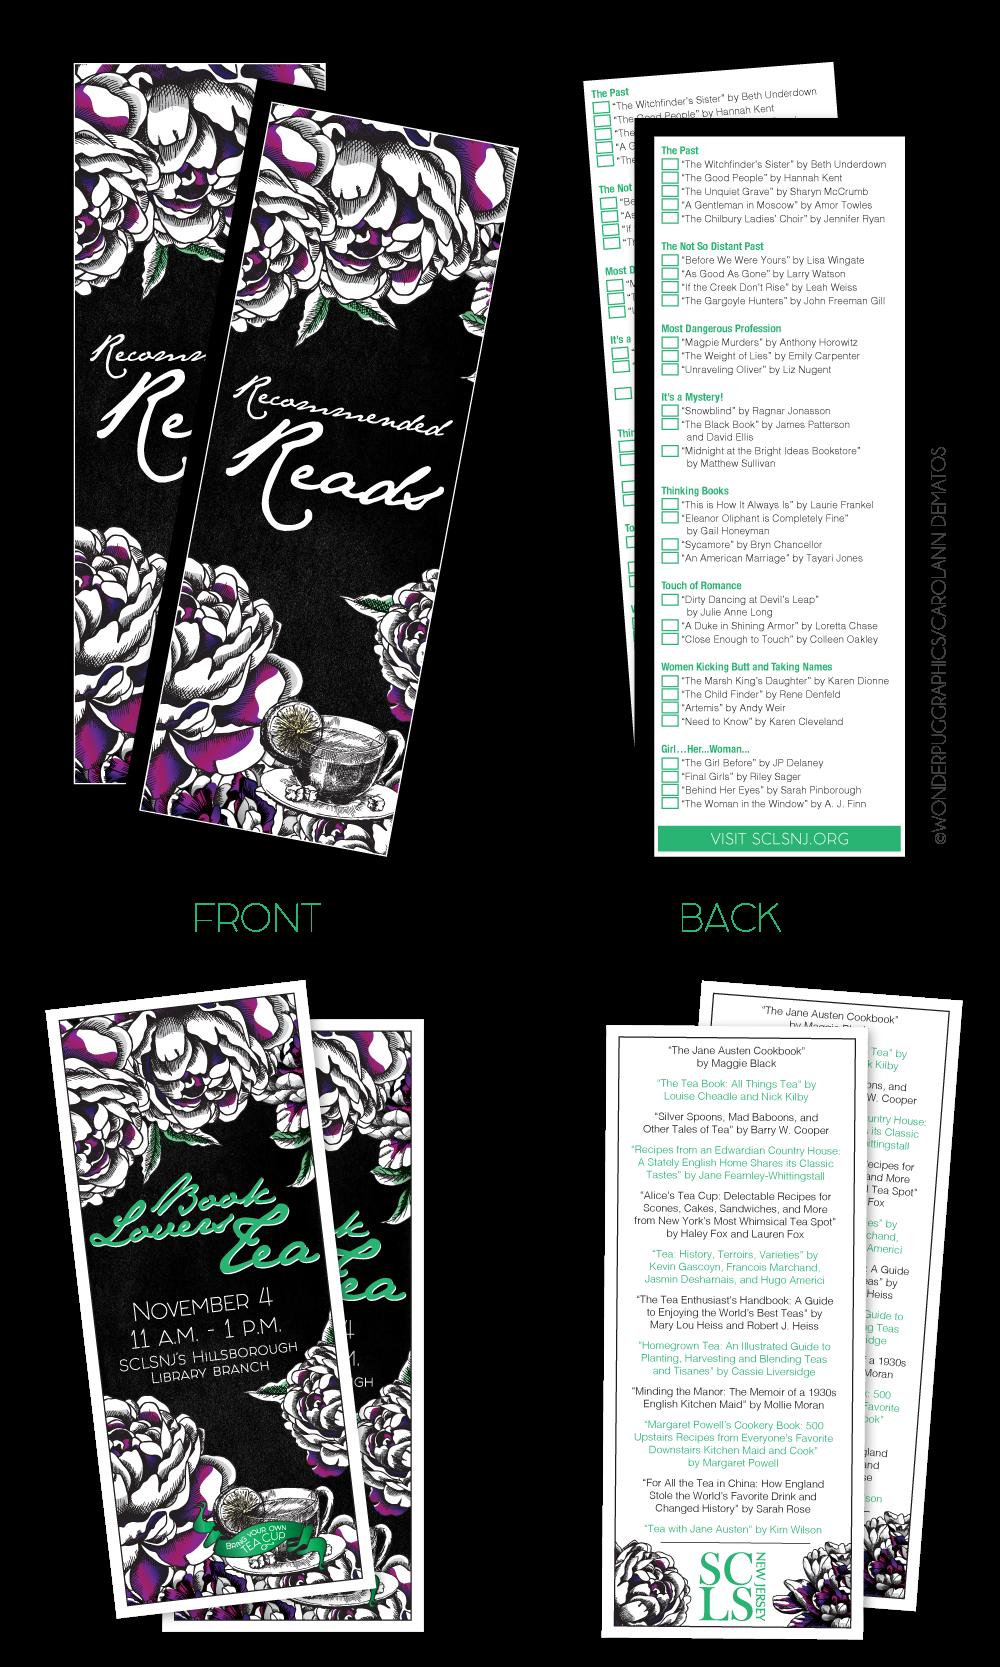 SCLSNJ's Second Annual Book Lover's Tea [November 2017] created by Carolann DeMatos